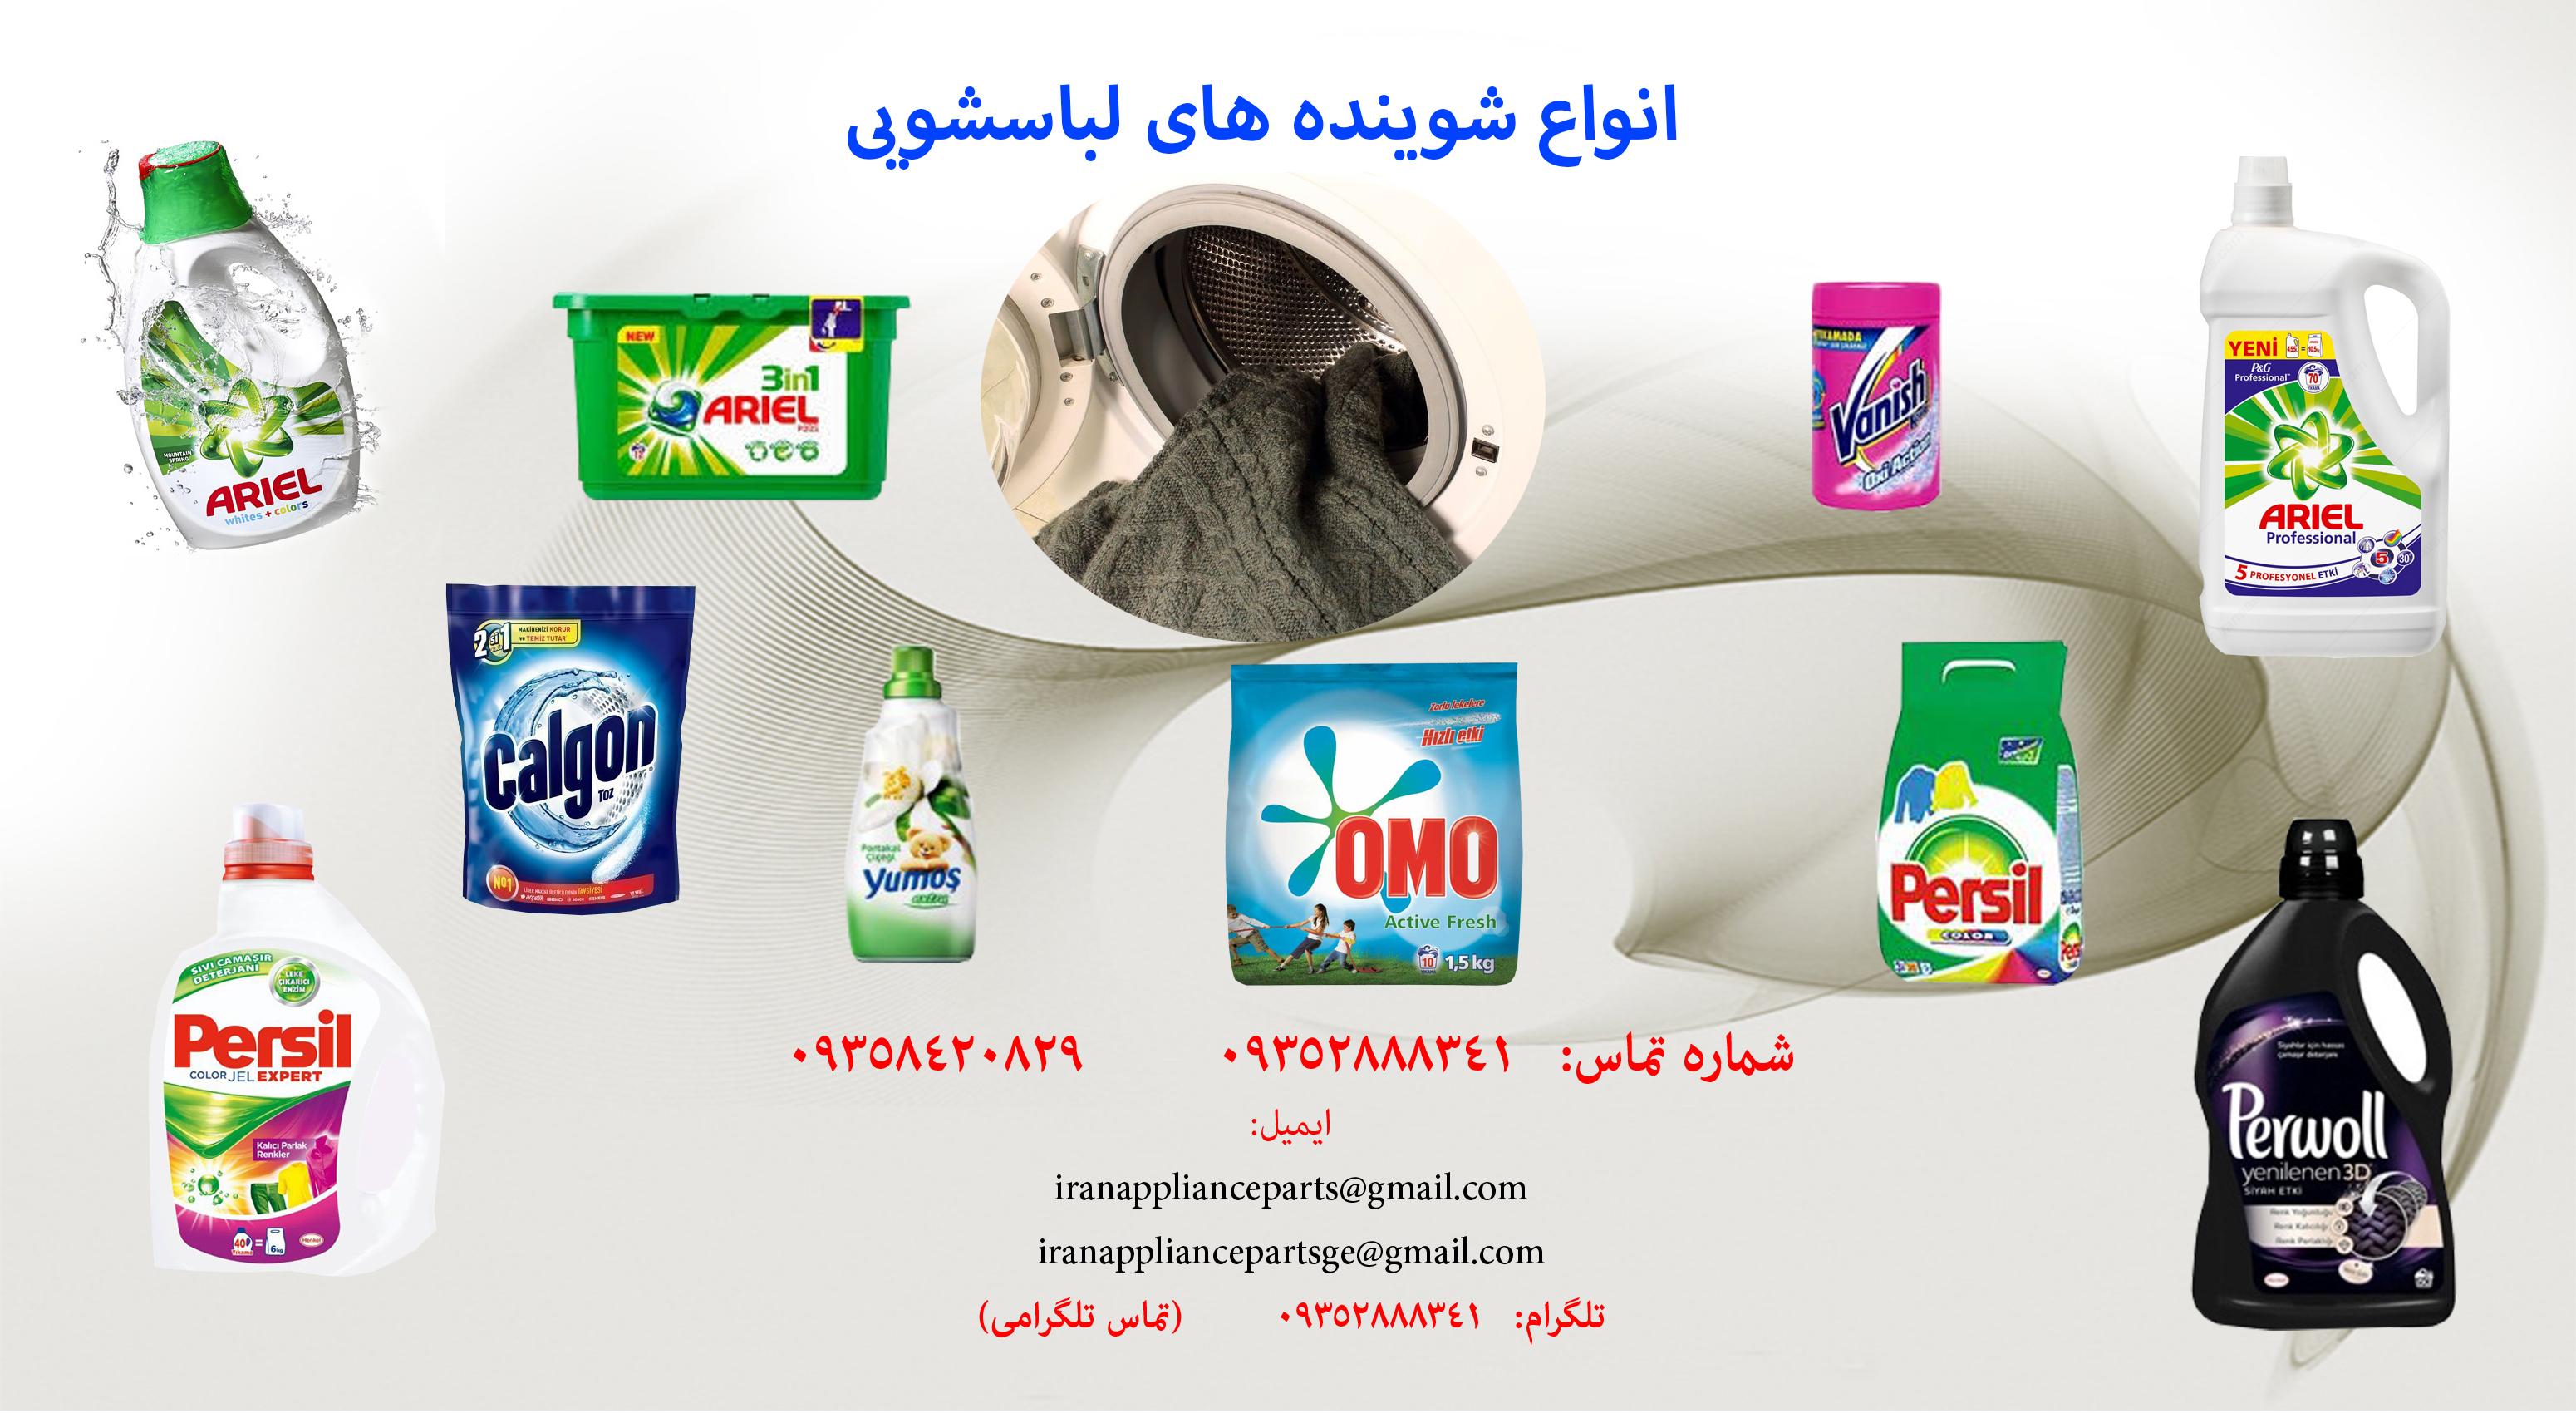 انواع شوینده های ماشین لباسشویی ماشین لباسشویی شوینده های اصلی ترک و آلمانی لباسشویی پرسیل آریل